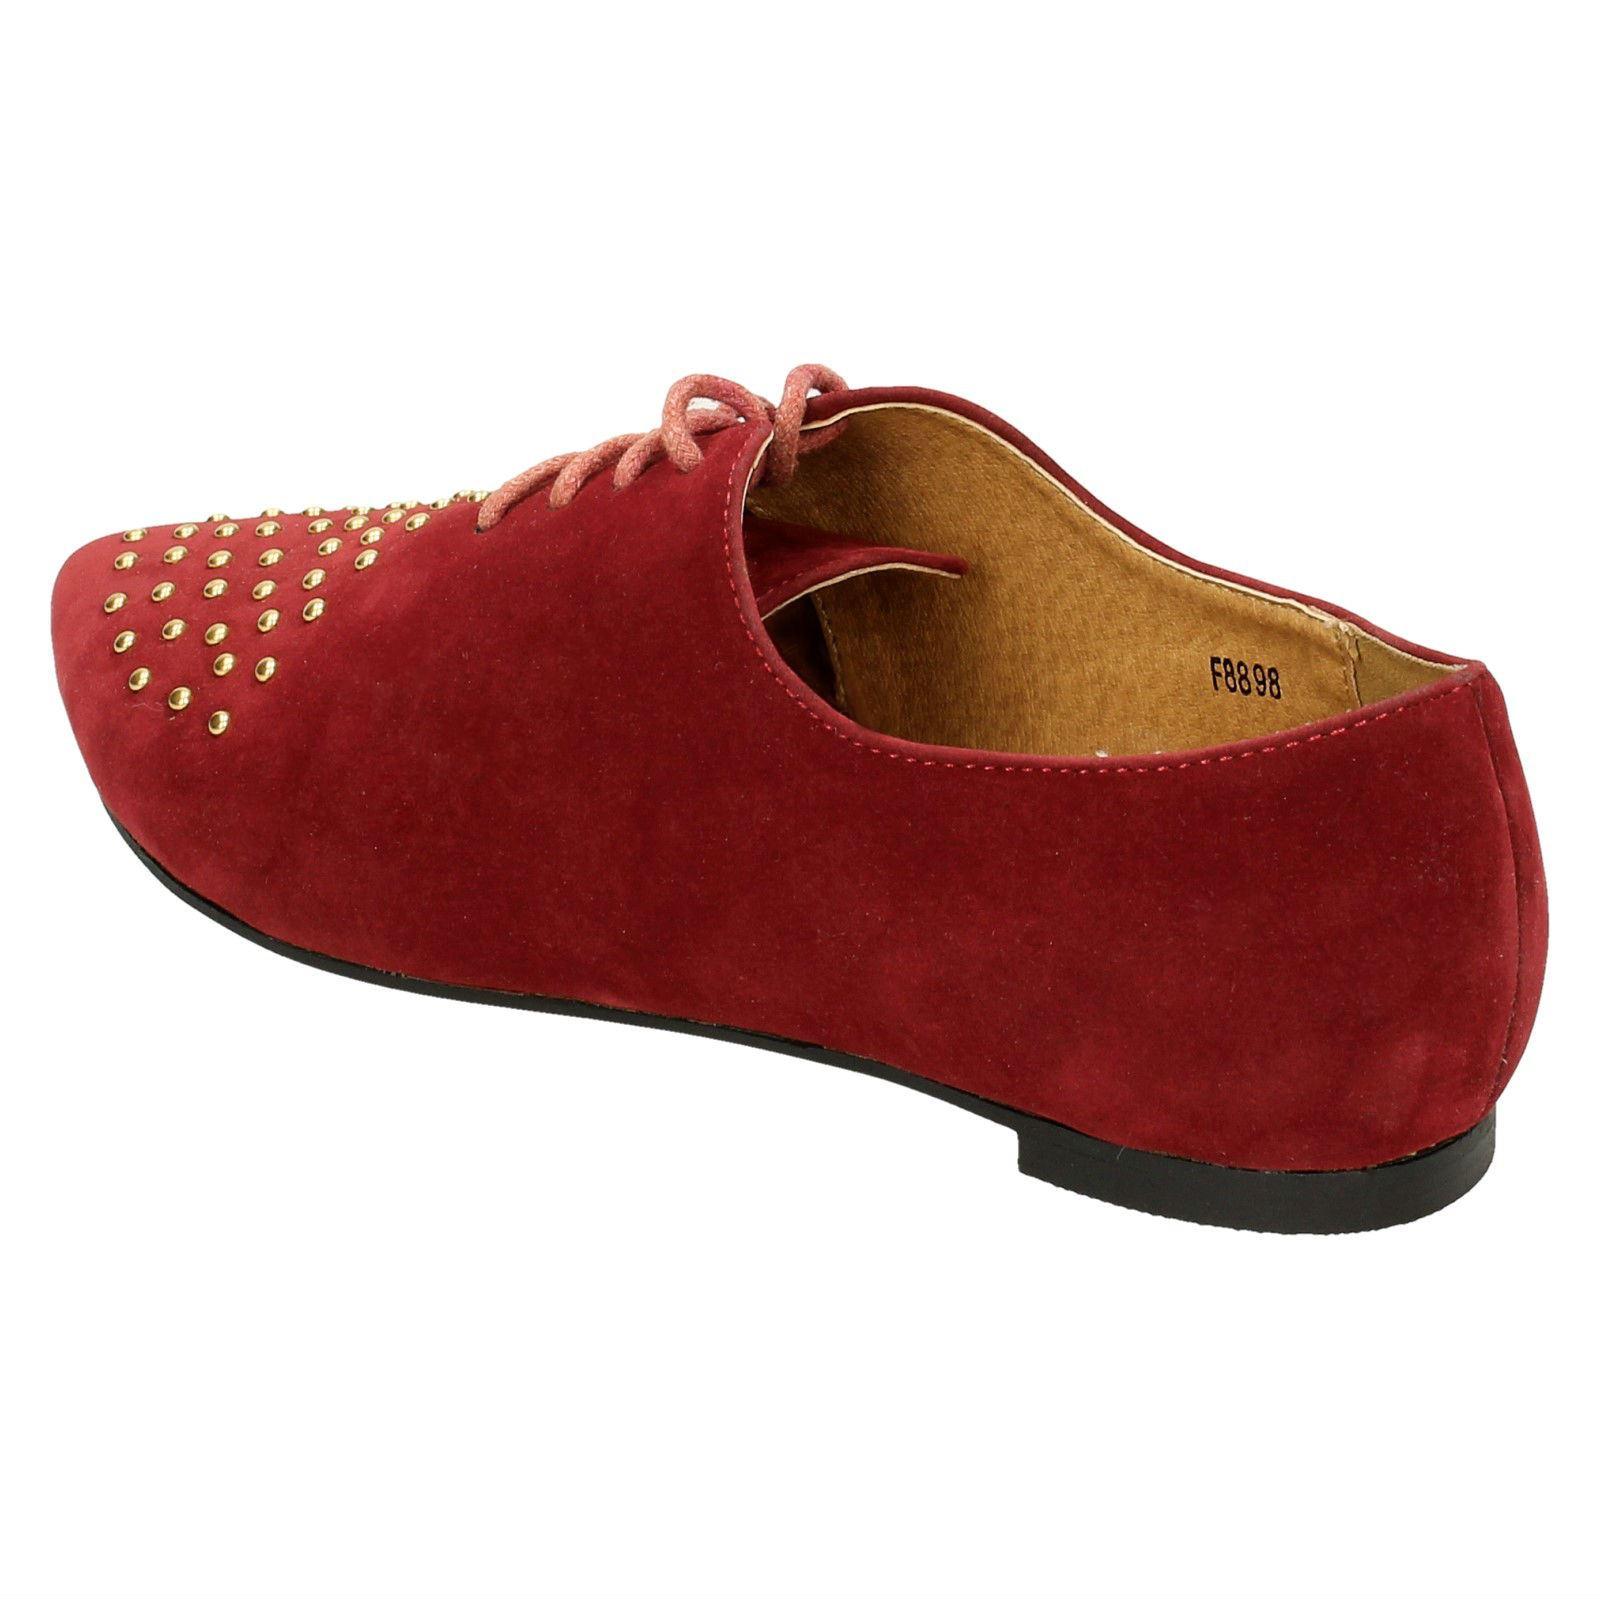 Damas Spot on Flat Con Cordones Zapatos Con Puntera En Punta